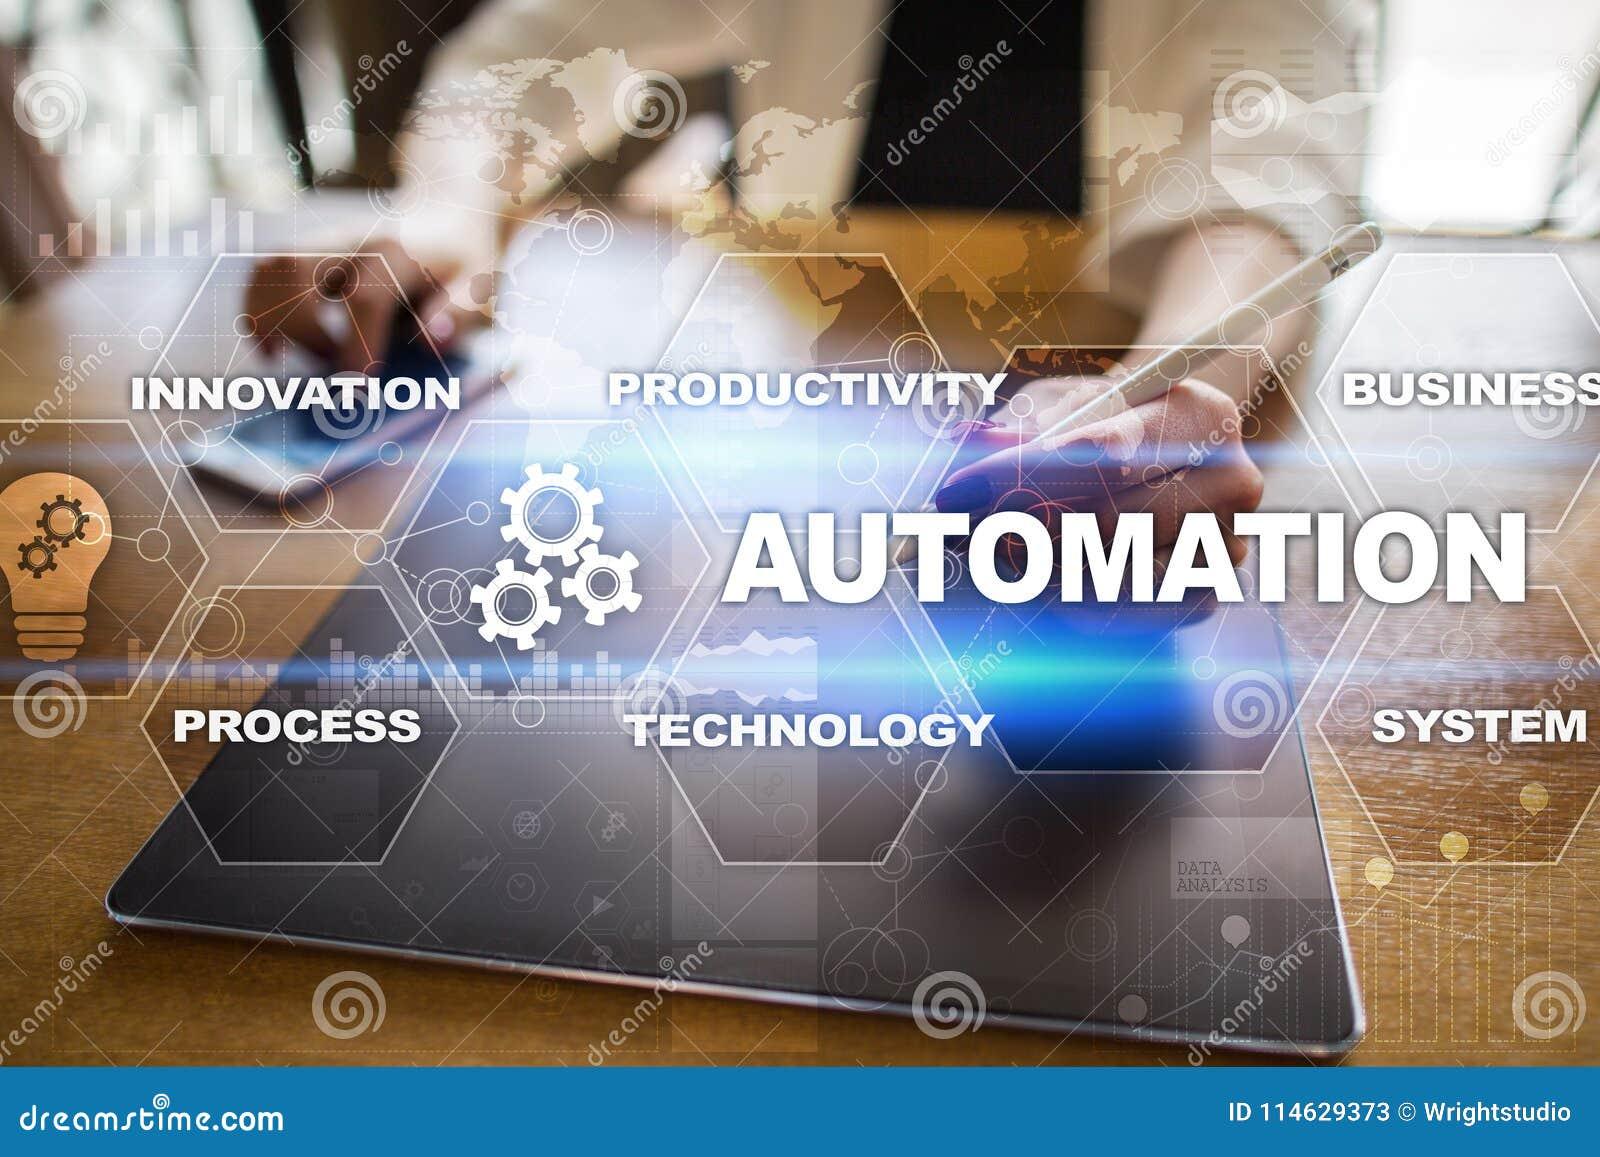 Концепция автоматизации как нововведение, улучшающ урожайность в технологии и бизнес-процессах